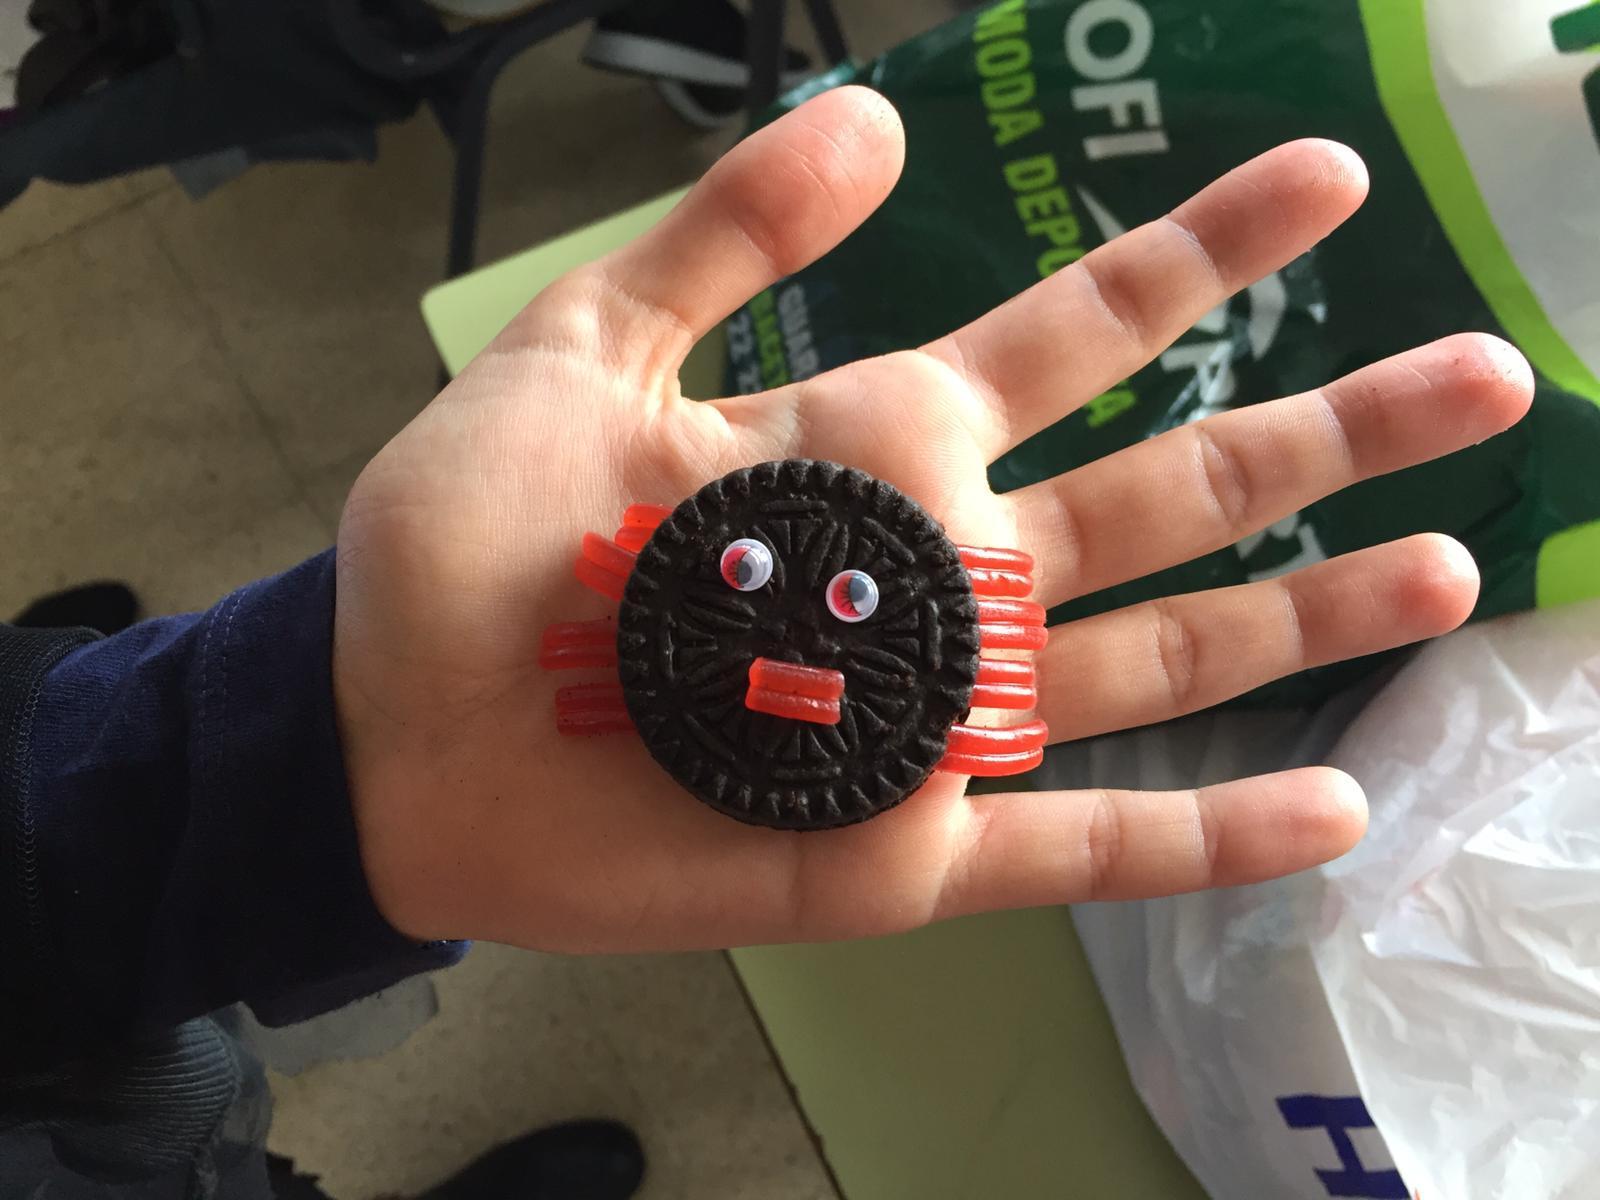 2018_20_30_Sexto realiza chuches por Halloween...CEIP FDLR_Las Rozas 1